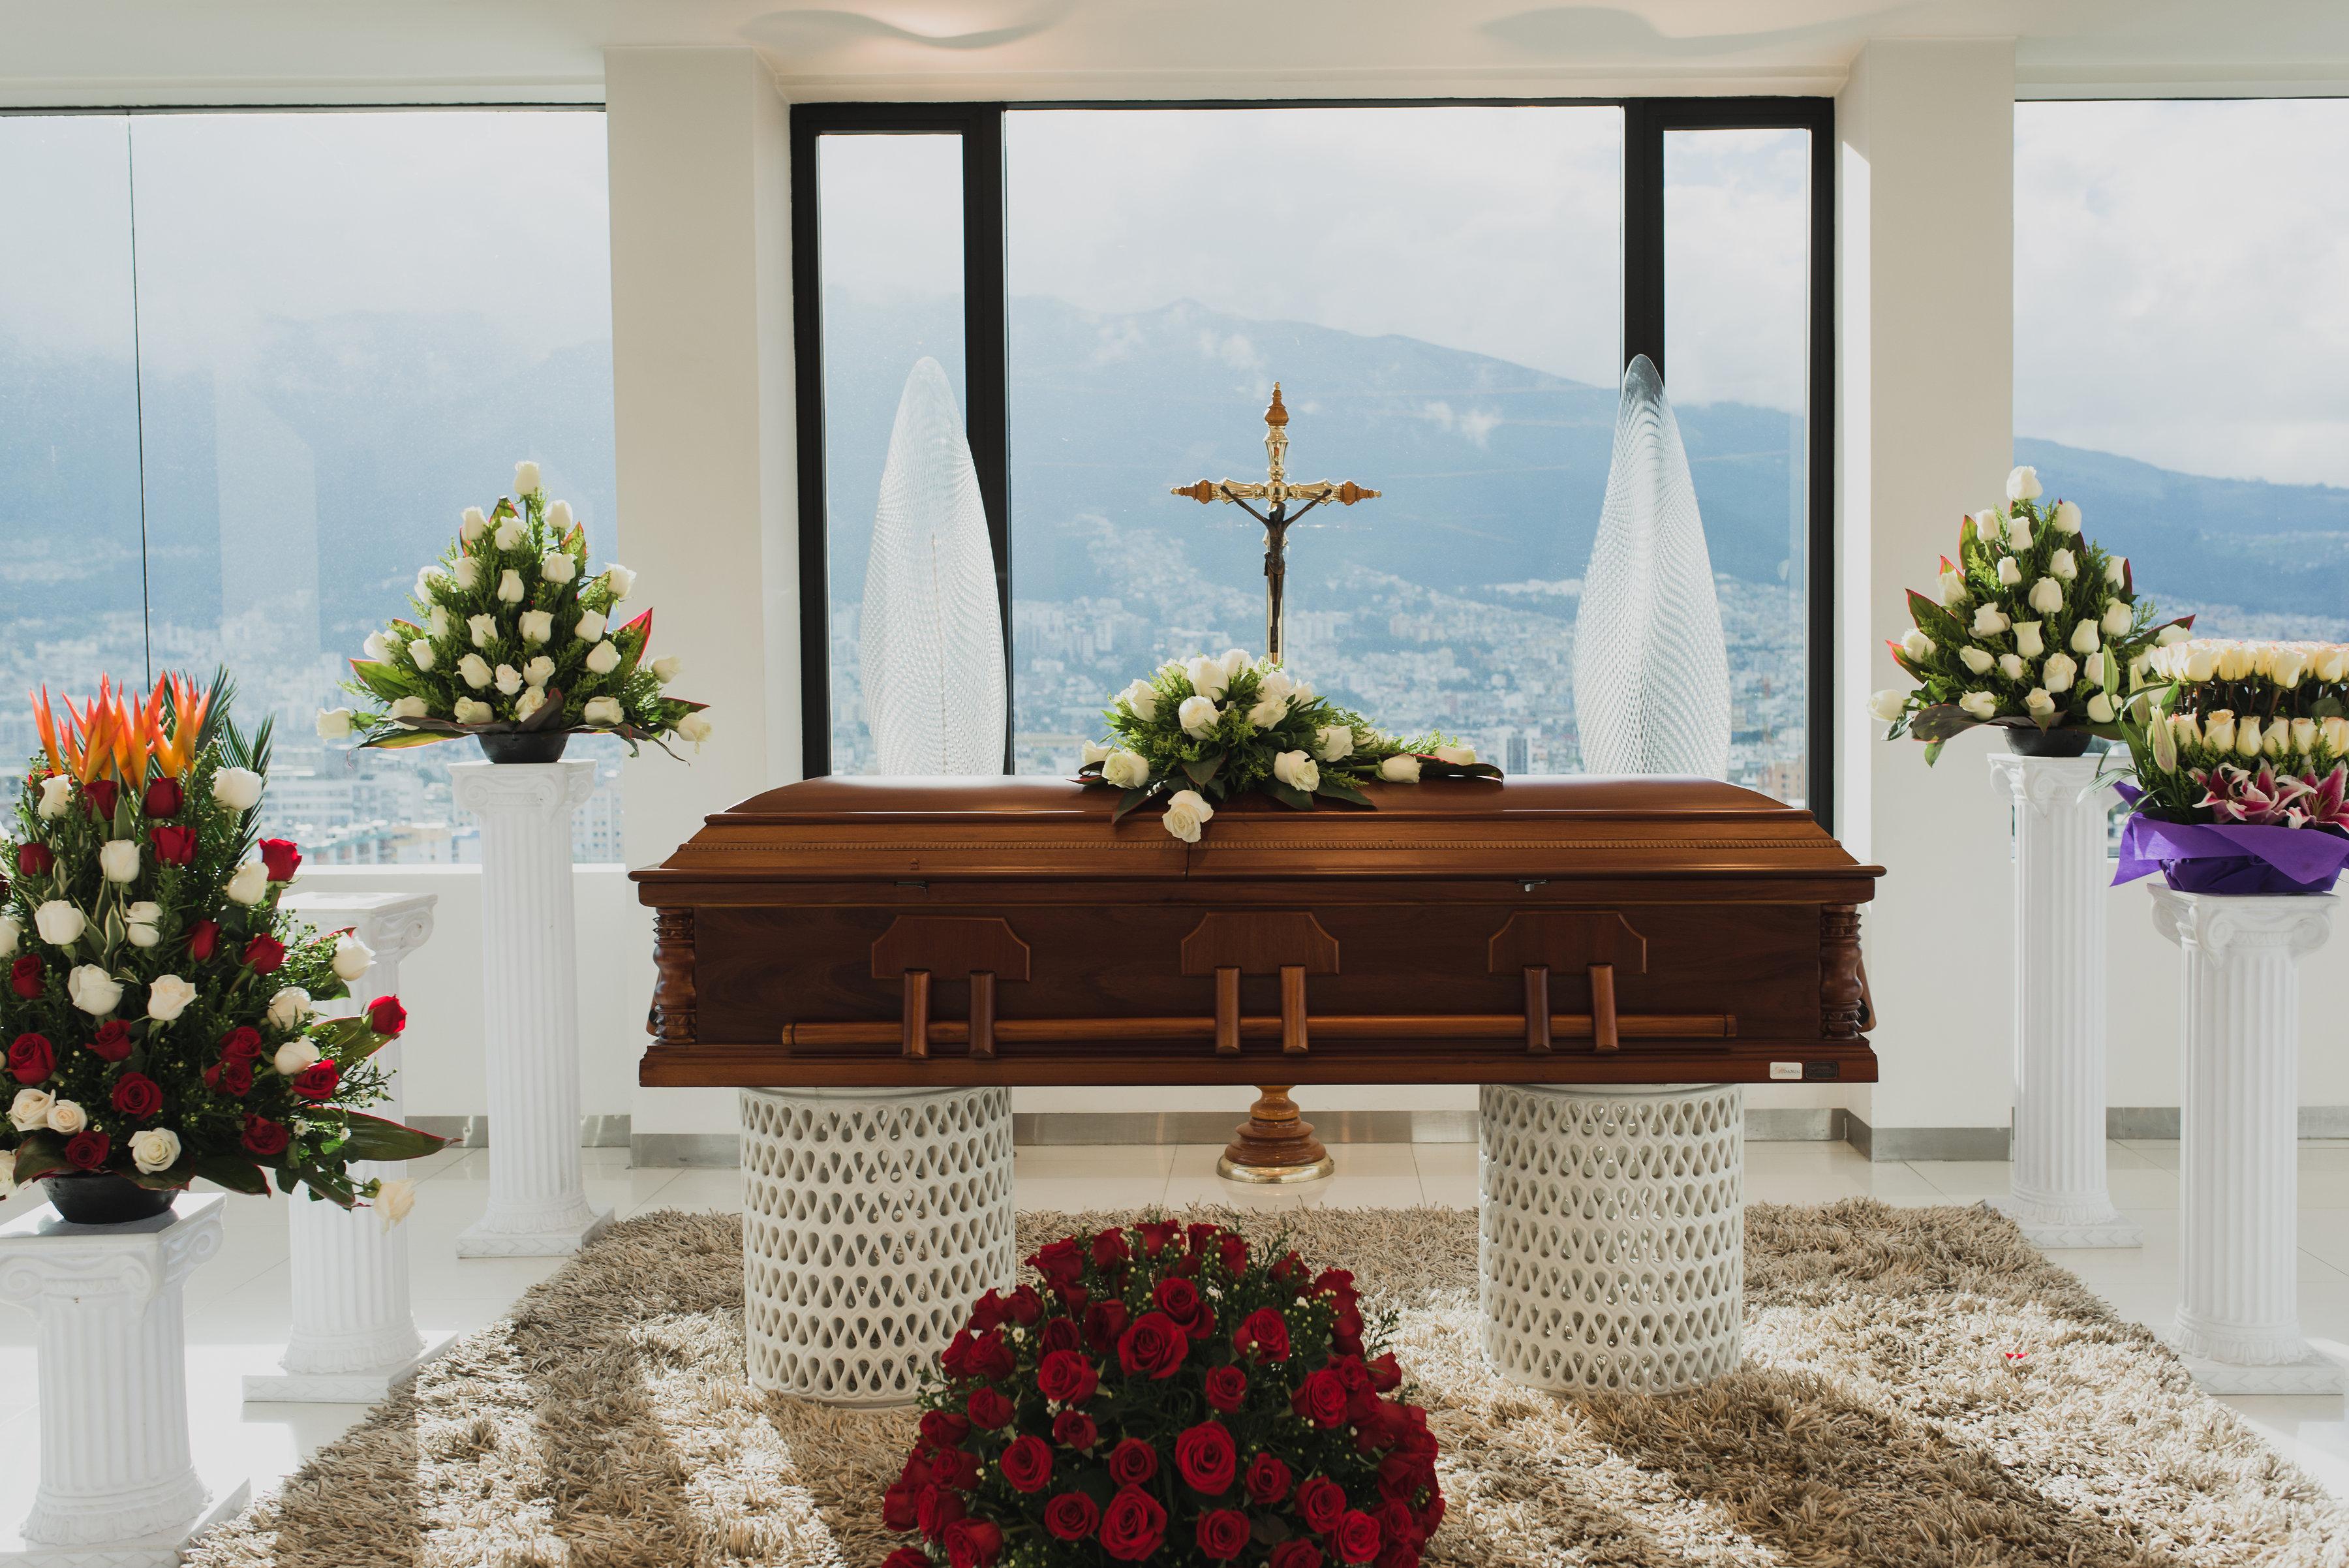 Este empresario encontró un negocio rentable en la muerte